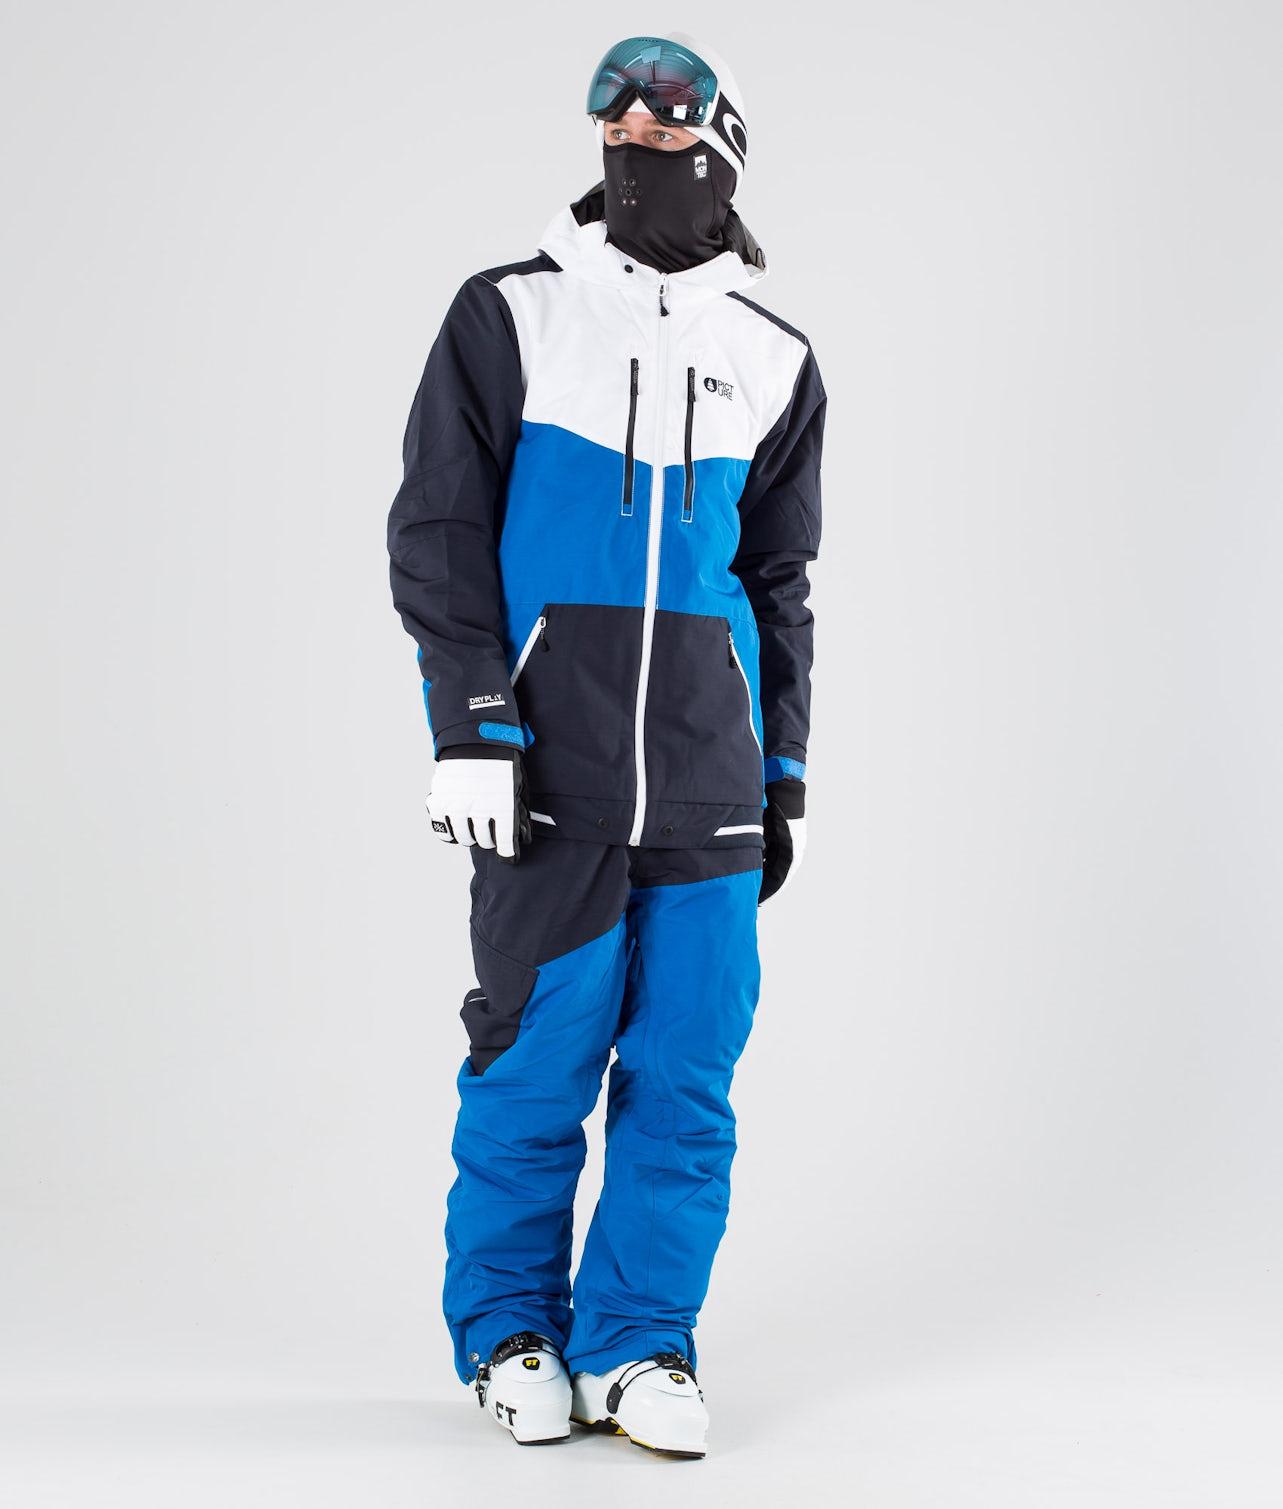 Kjøp Panel Skijakke fra Picture på Ridestore.no - Hos oss har du alltid fri frakt, fri retur og 30 dagers åpent kjøp!